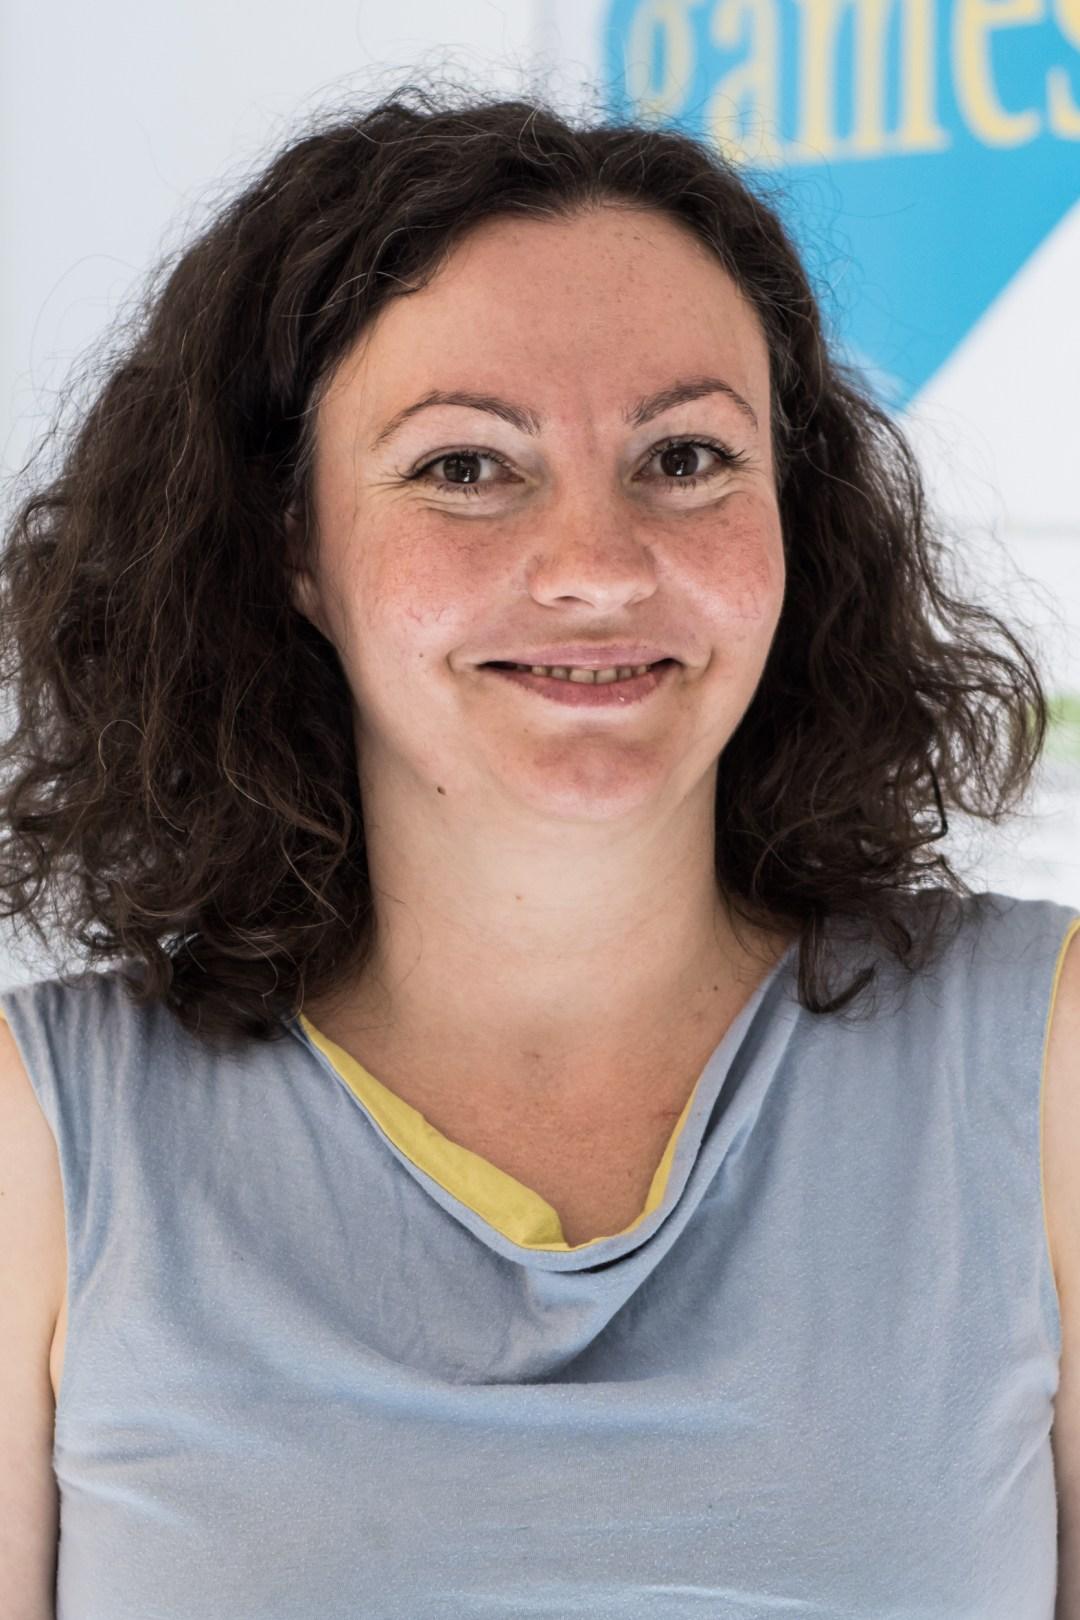 Anastasia Sfiri